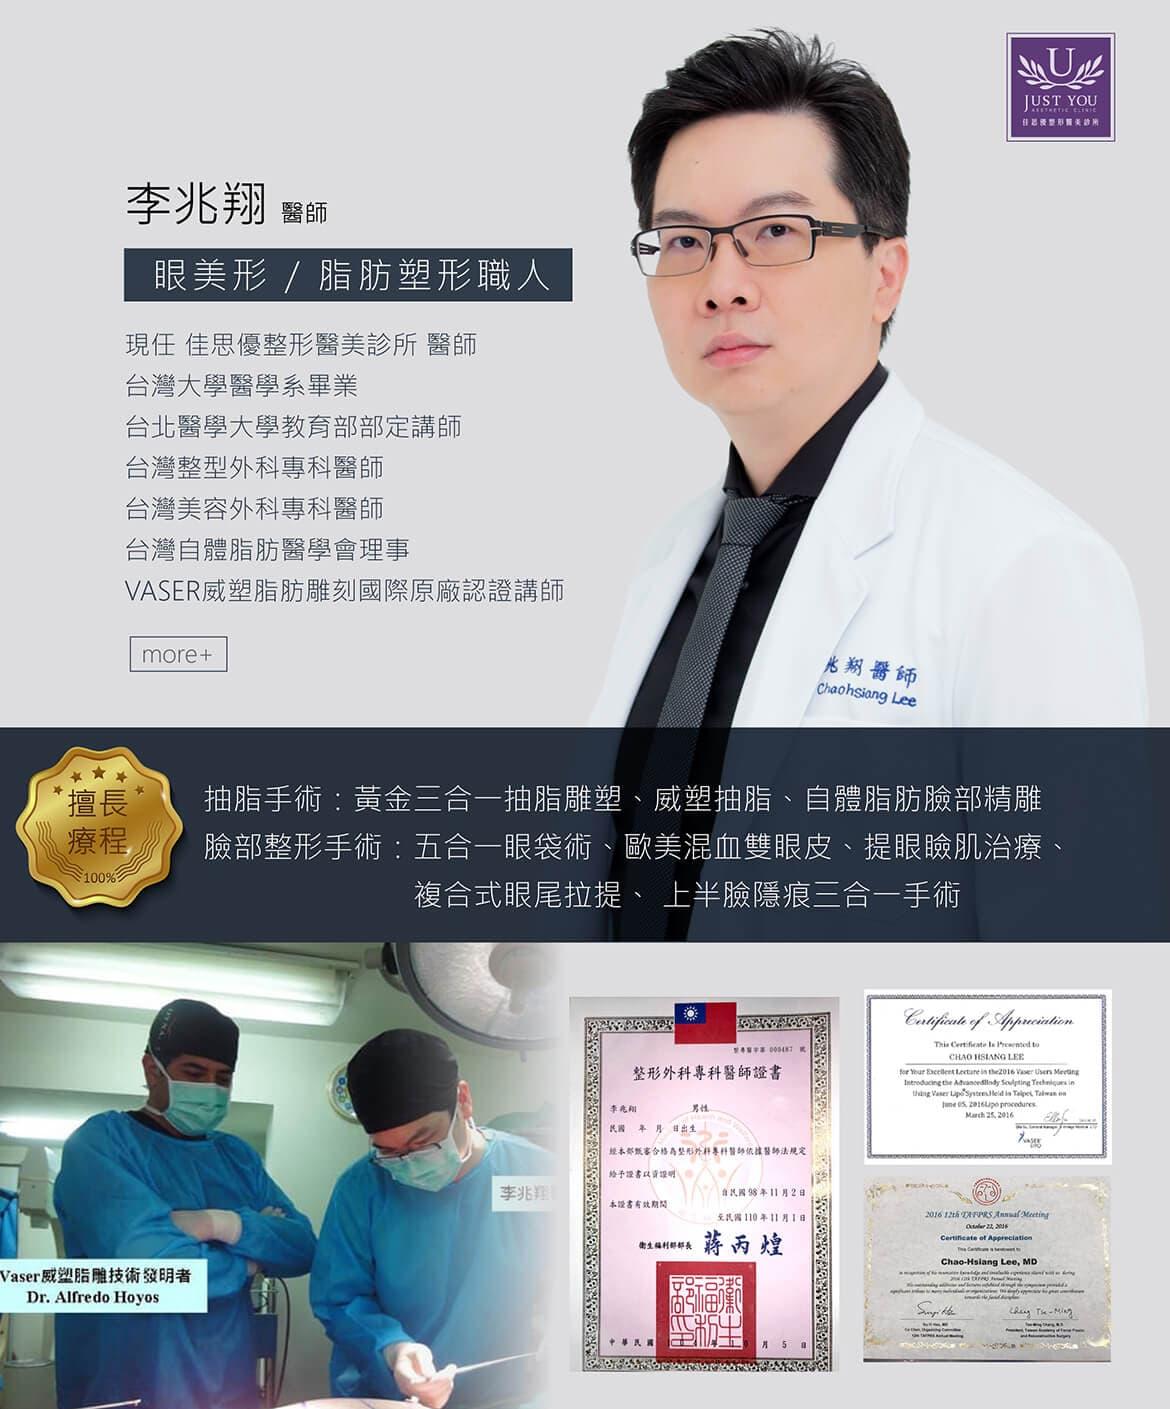 威塑抽脂手術-李兆翔醫師